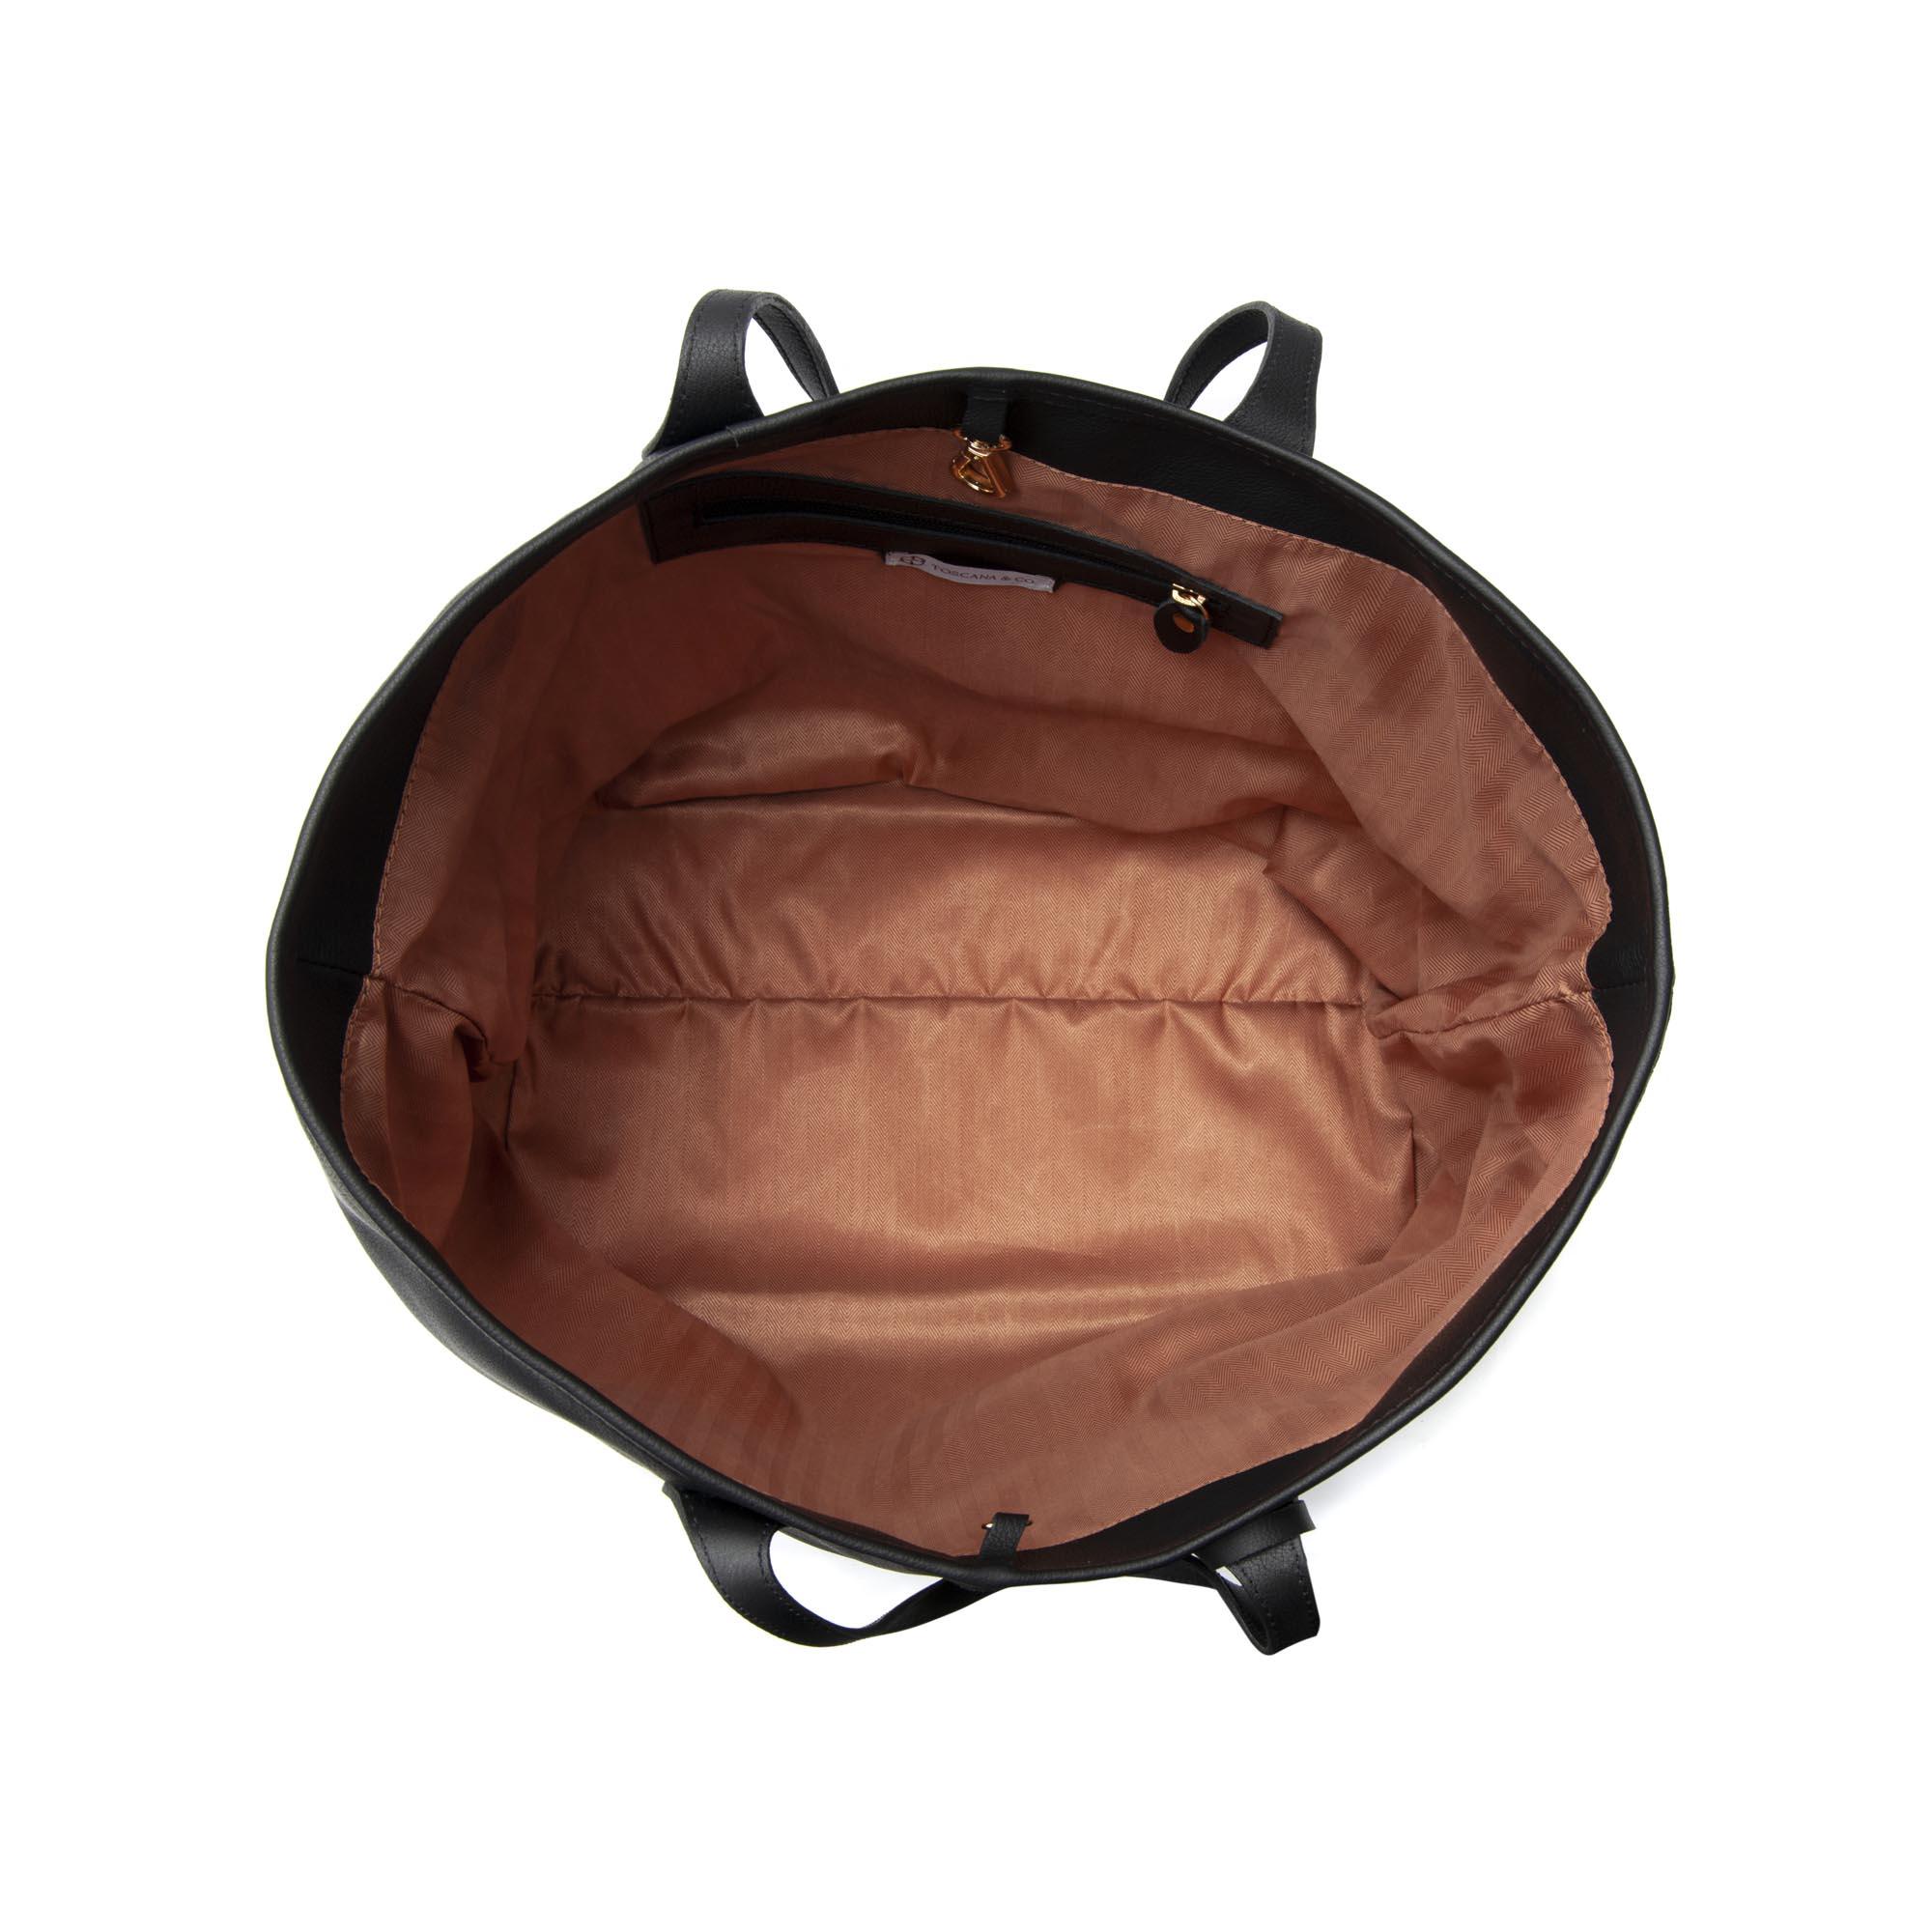 Bolsa Giulieta com cavalo em relevo - couro legítimo